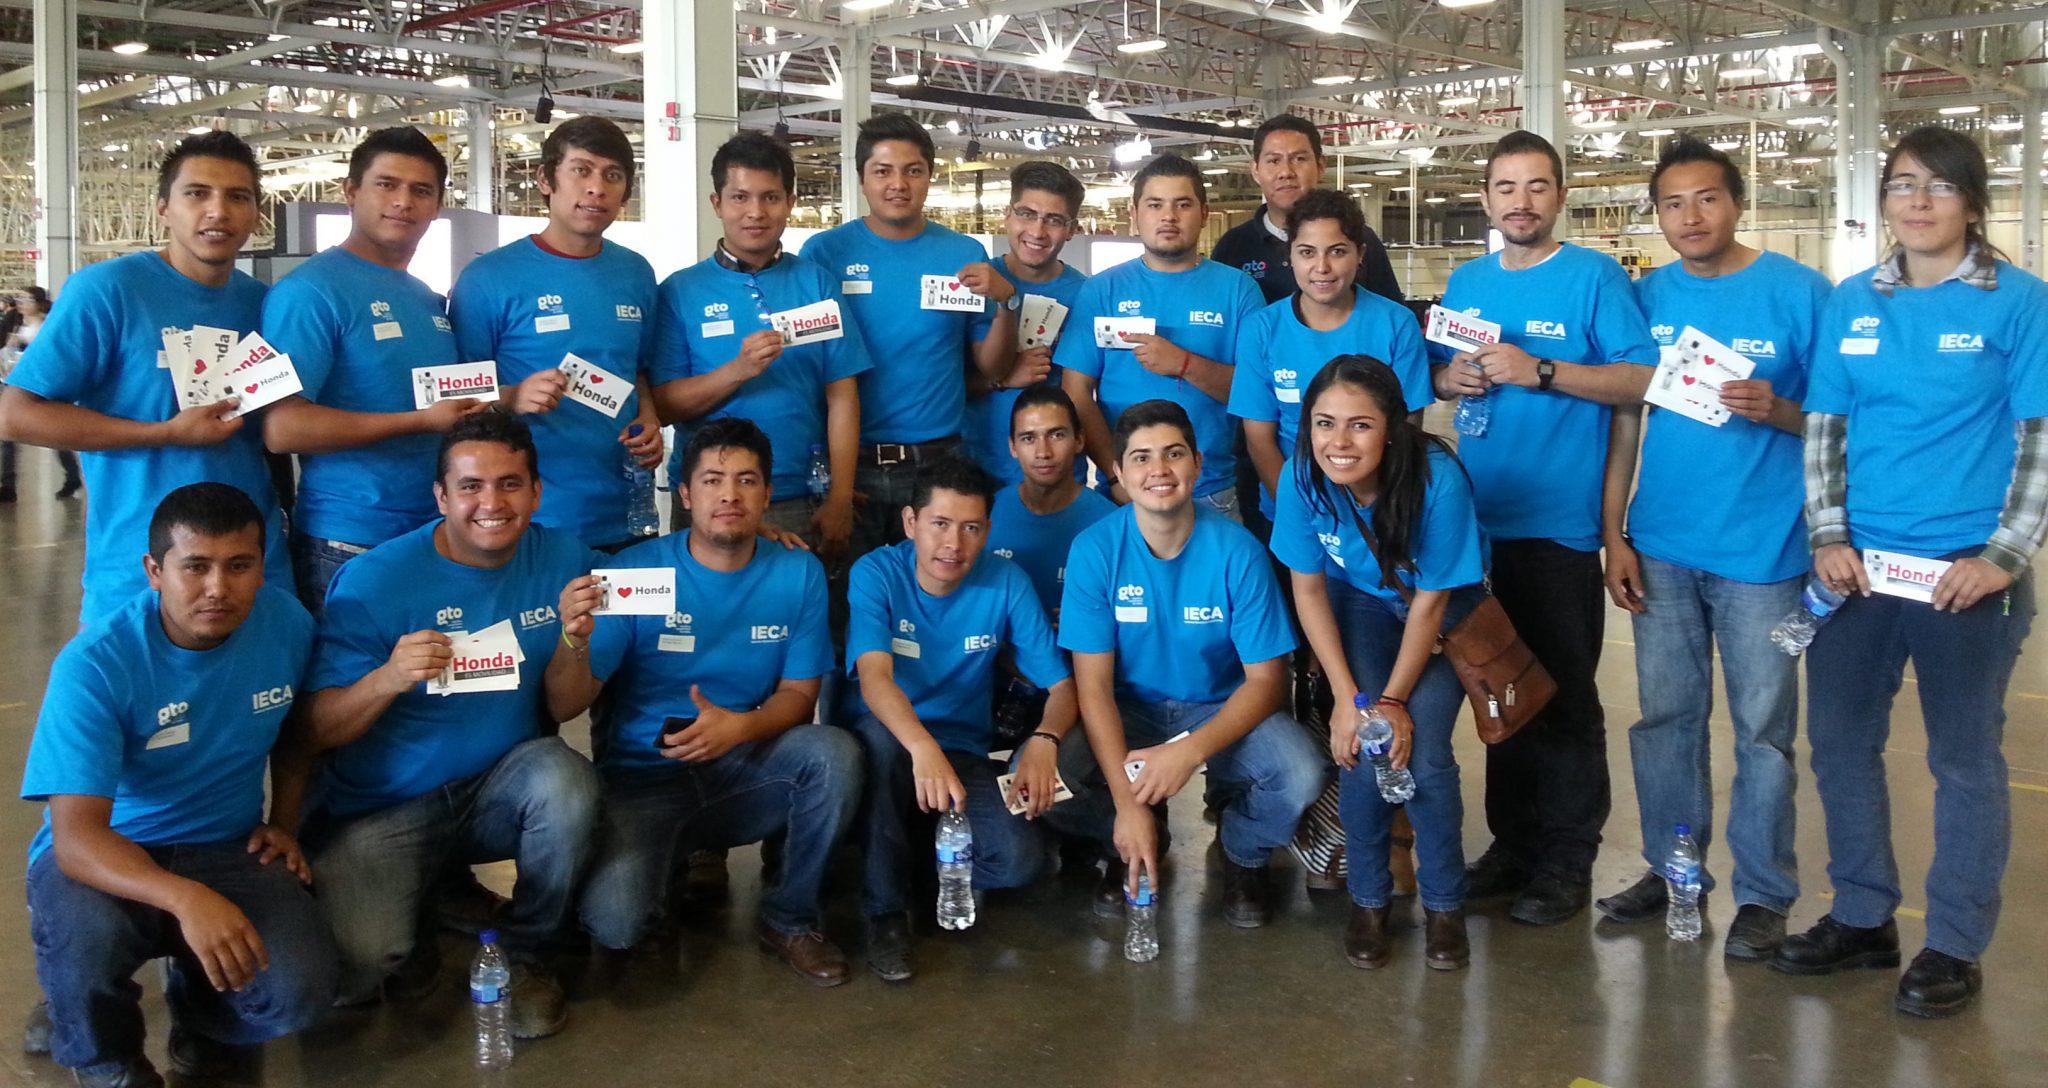 Alejandra Soria Lara / Encargada de distribuir licencias de los software de MSC en México